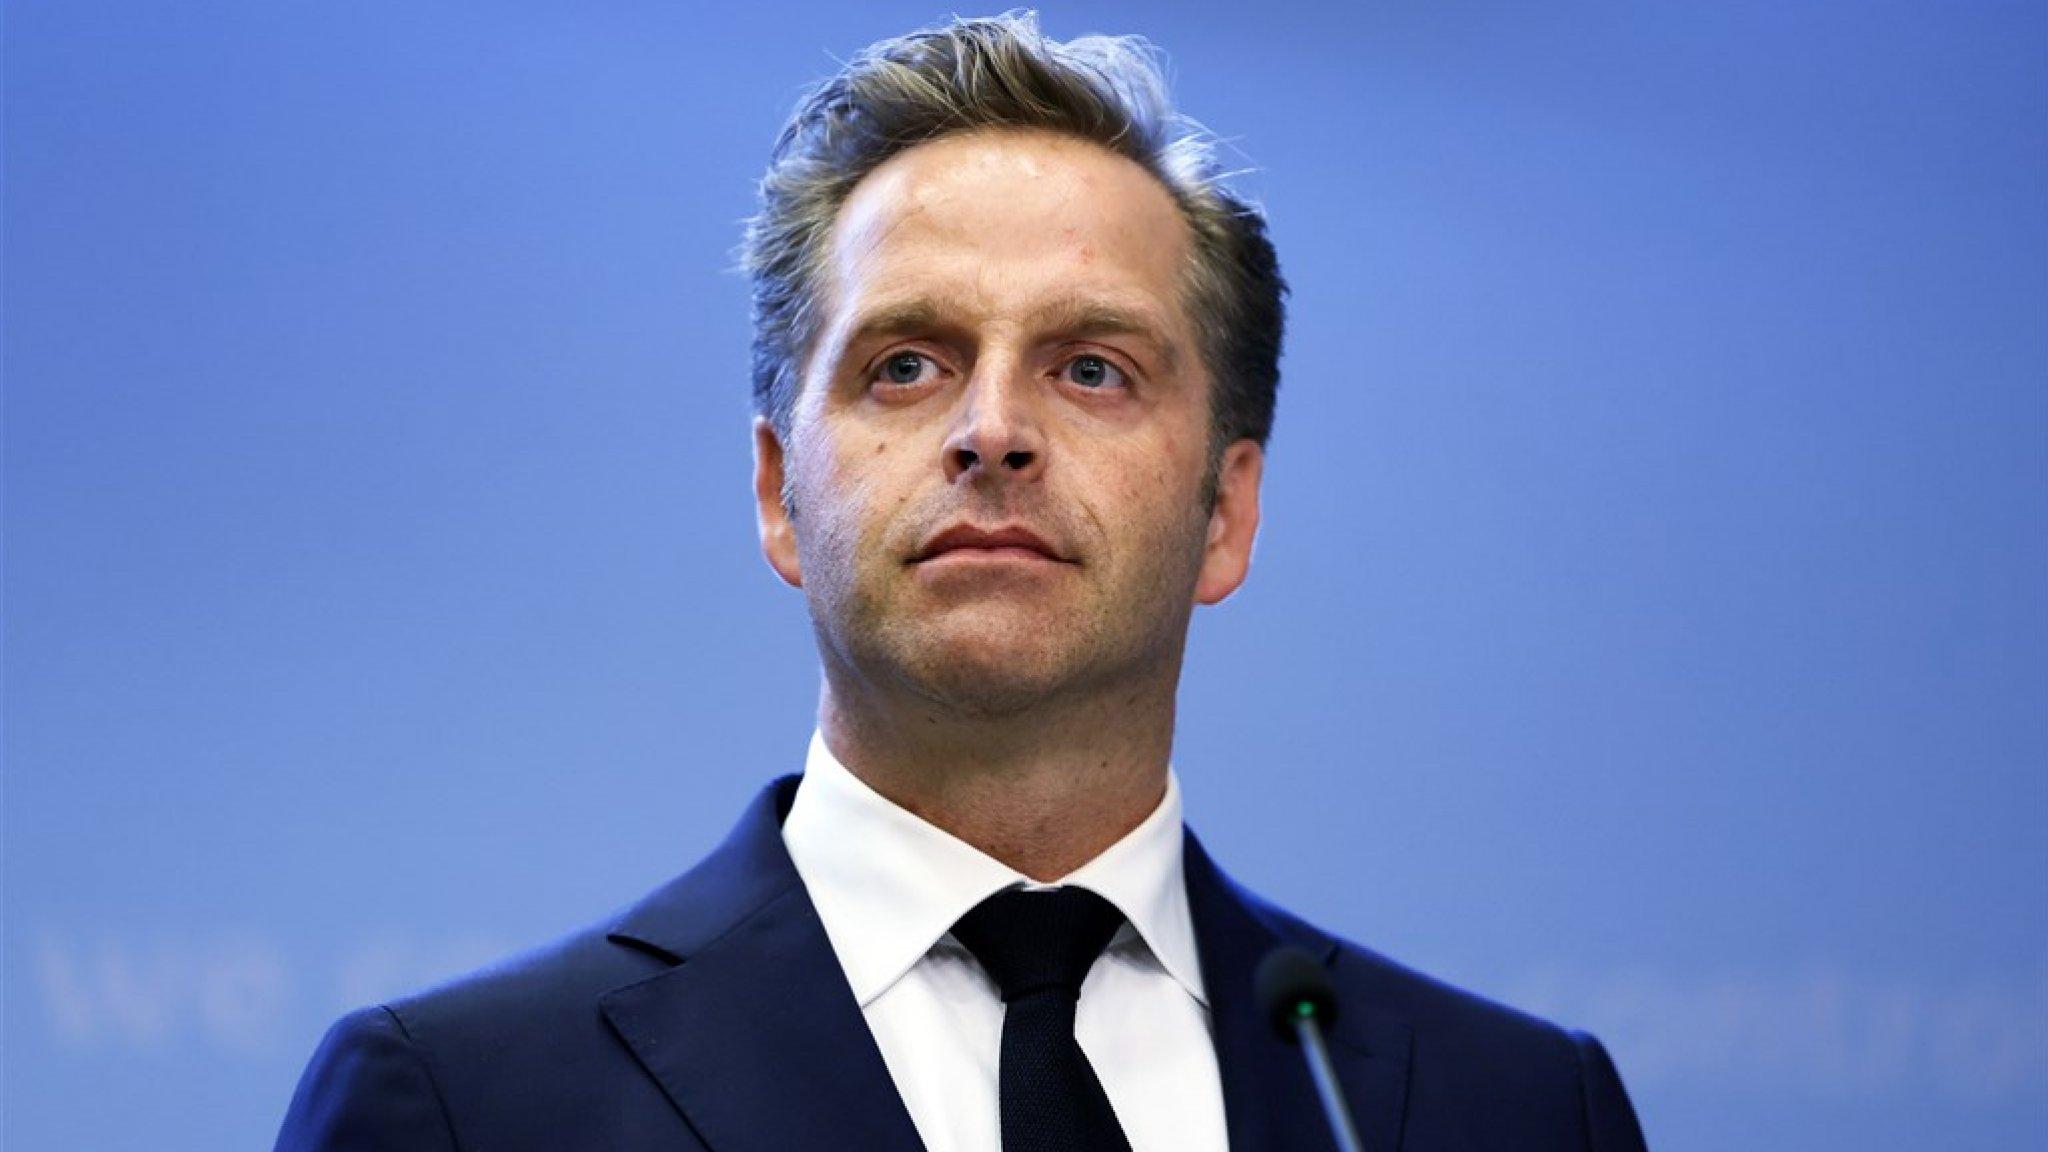 www.rtlnieuws.nl